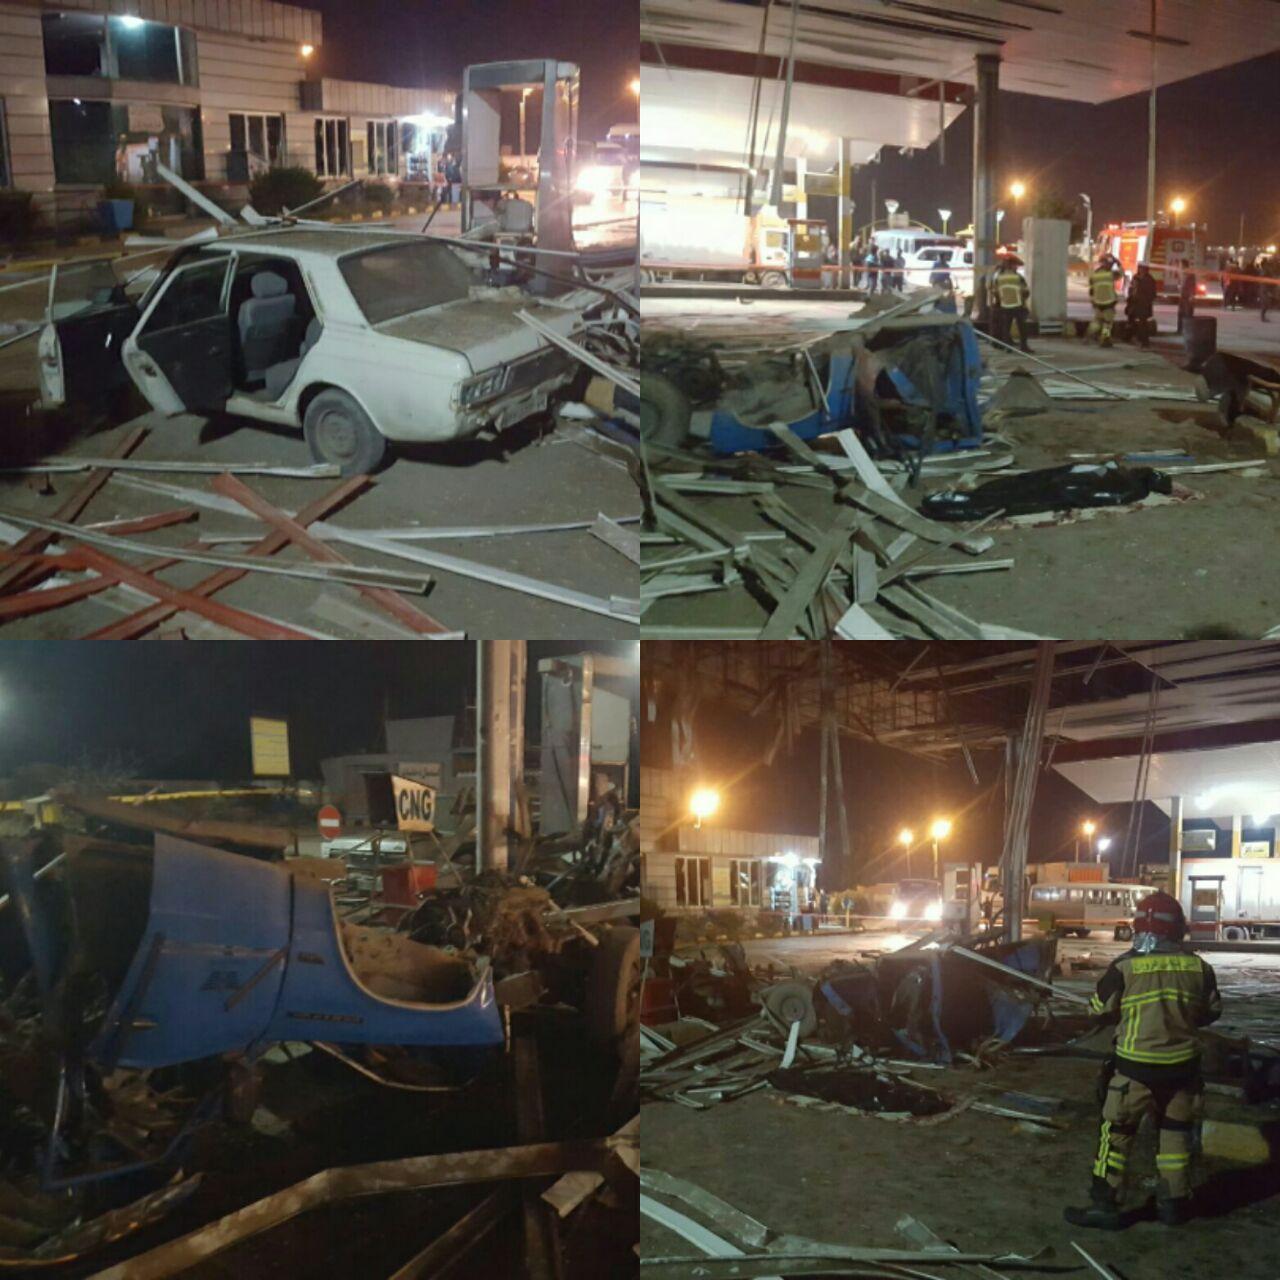 انفجار خودروی نیسان هنگام سوختگیری یک کشته بر جای گذاشت